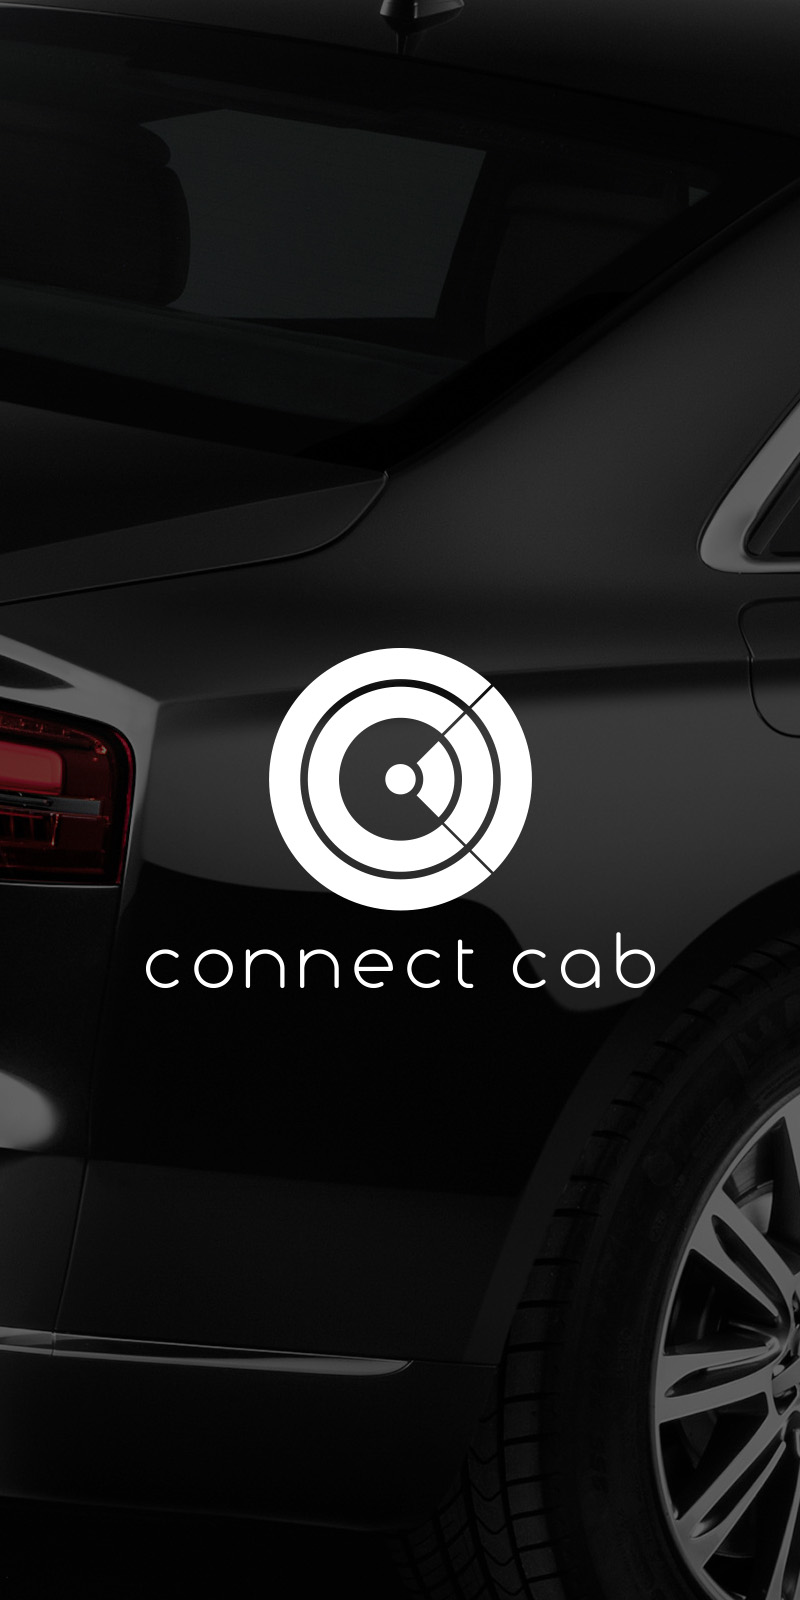 Connect cab, VTC, identité visuelle